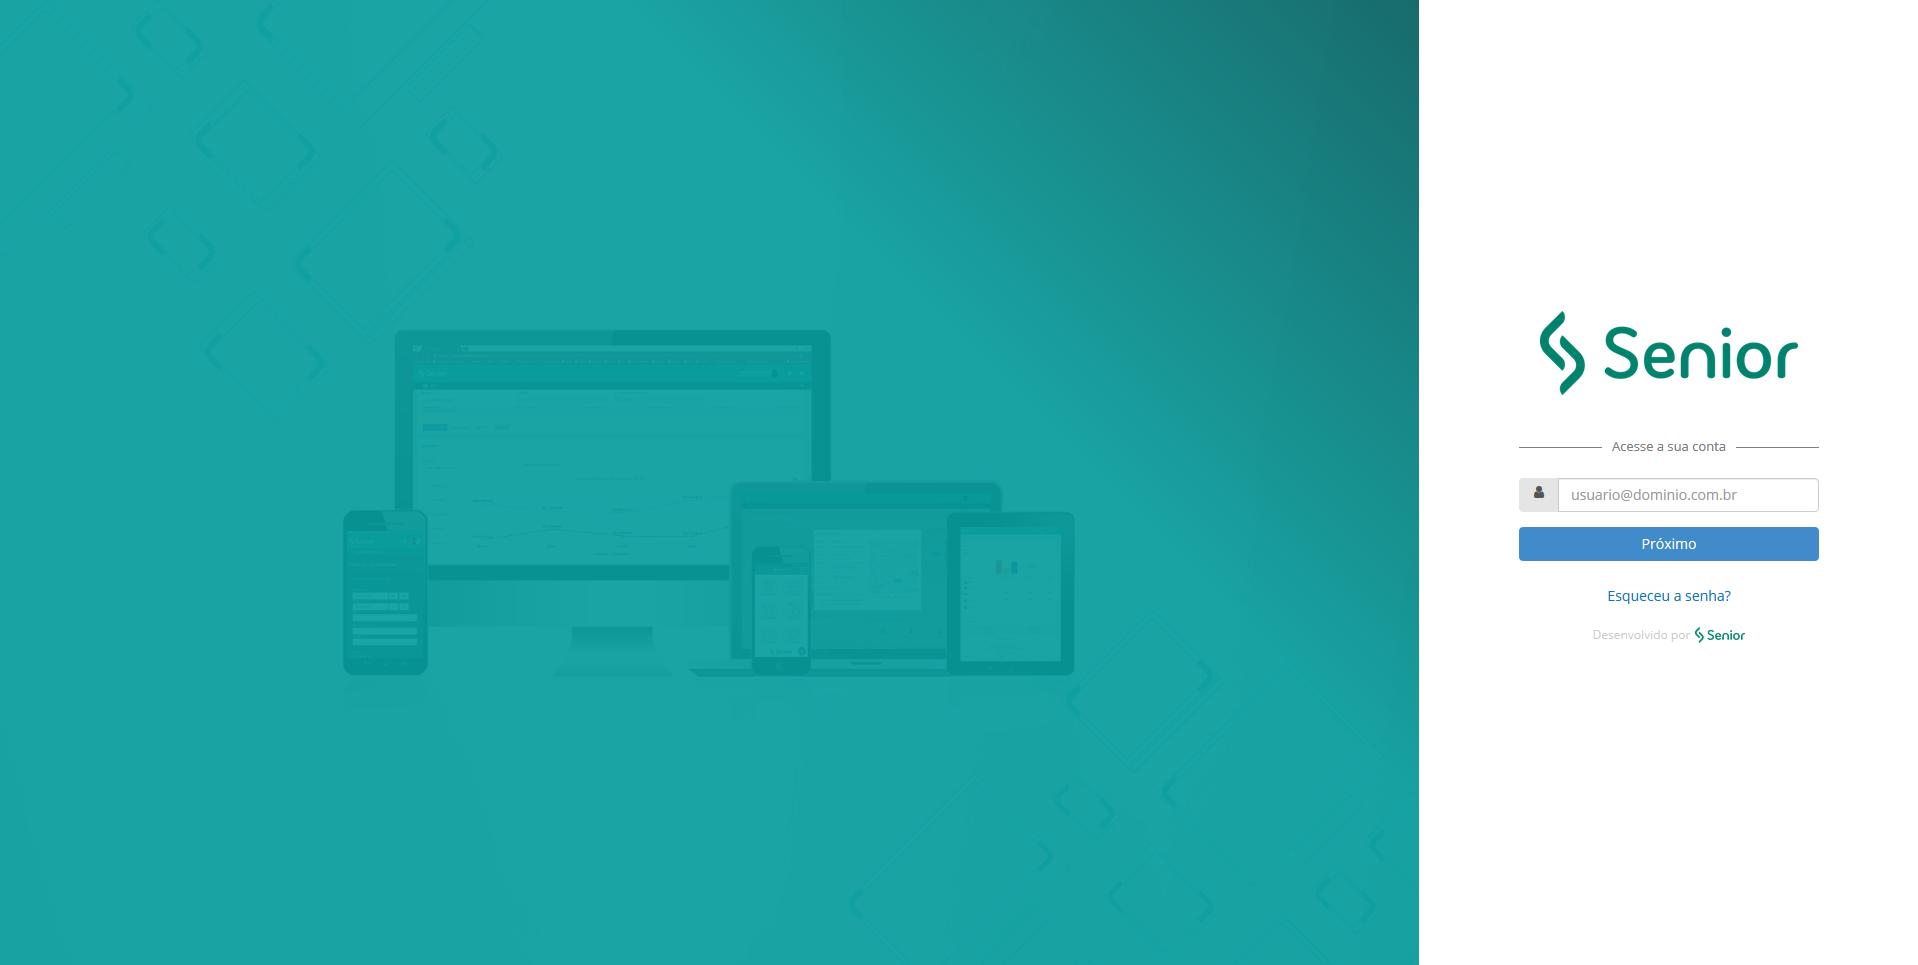 Imagem com tela de login da senior-x-platform.